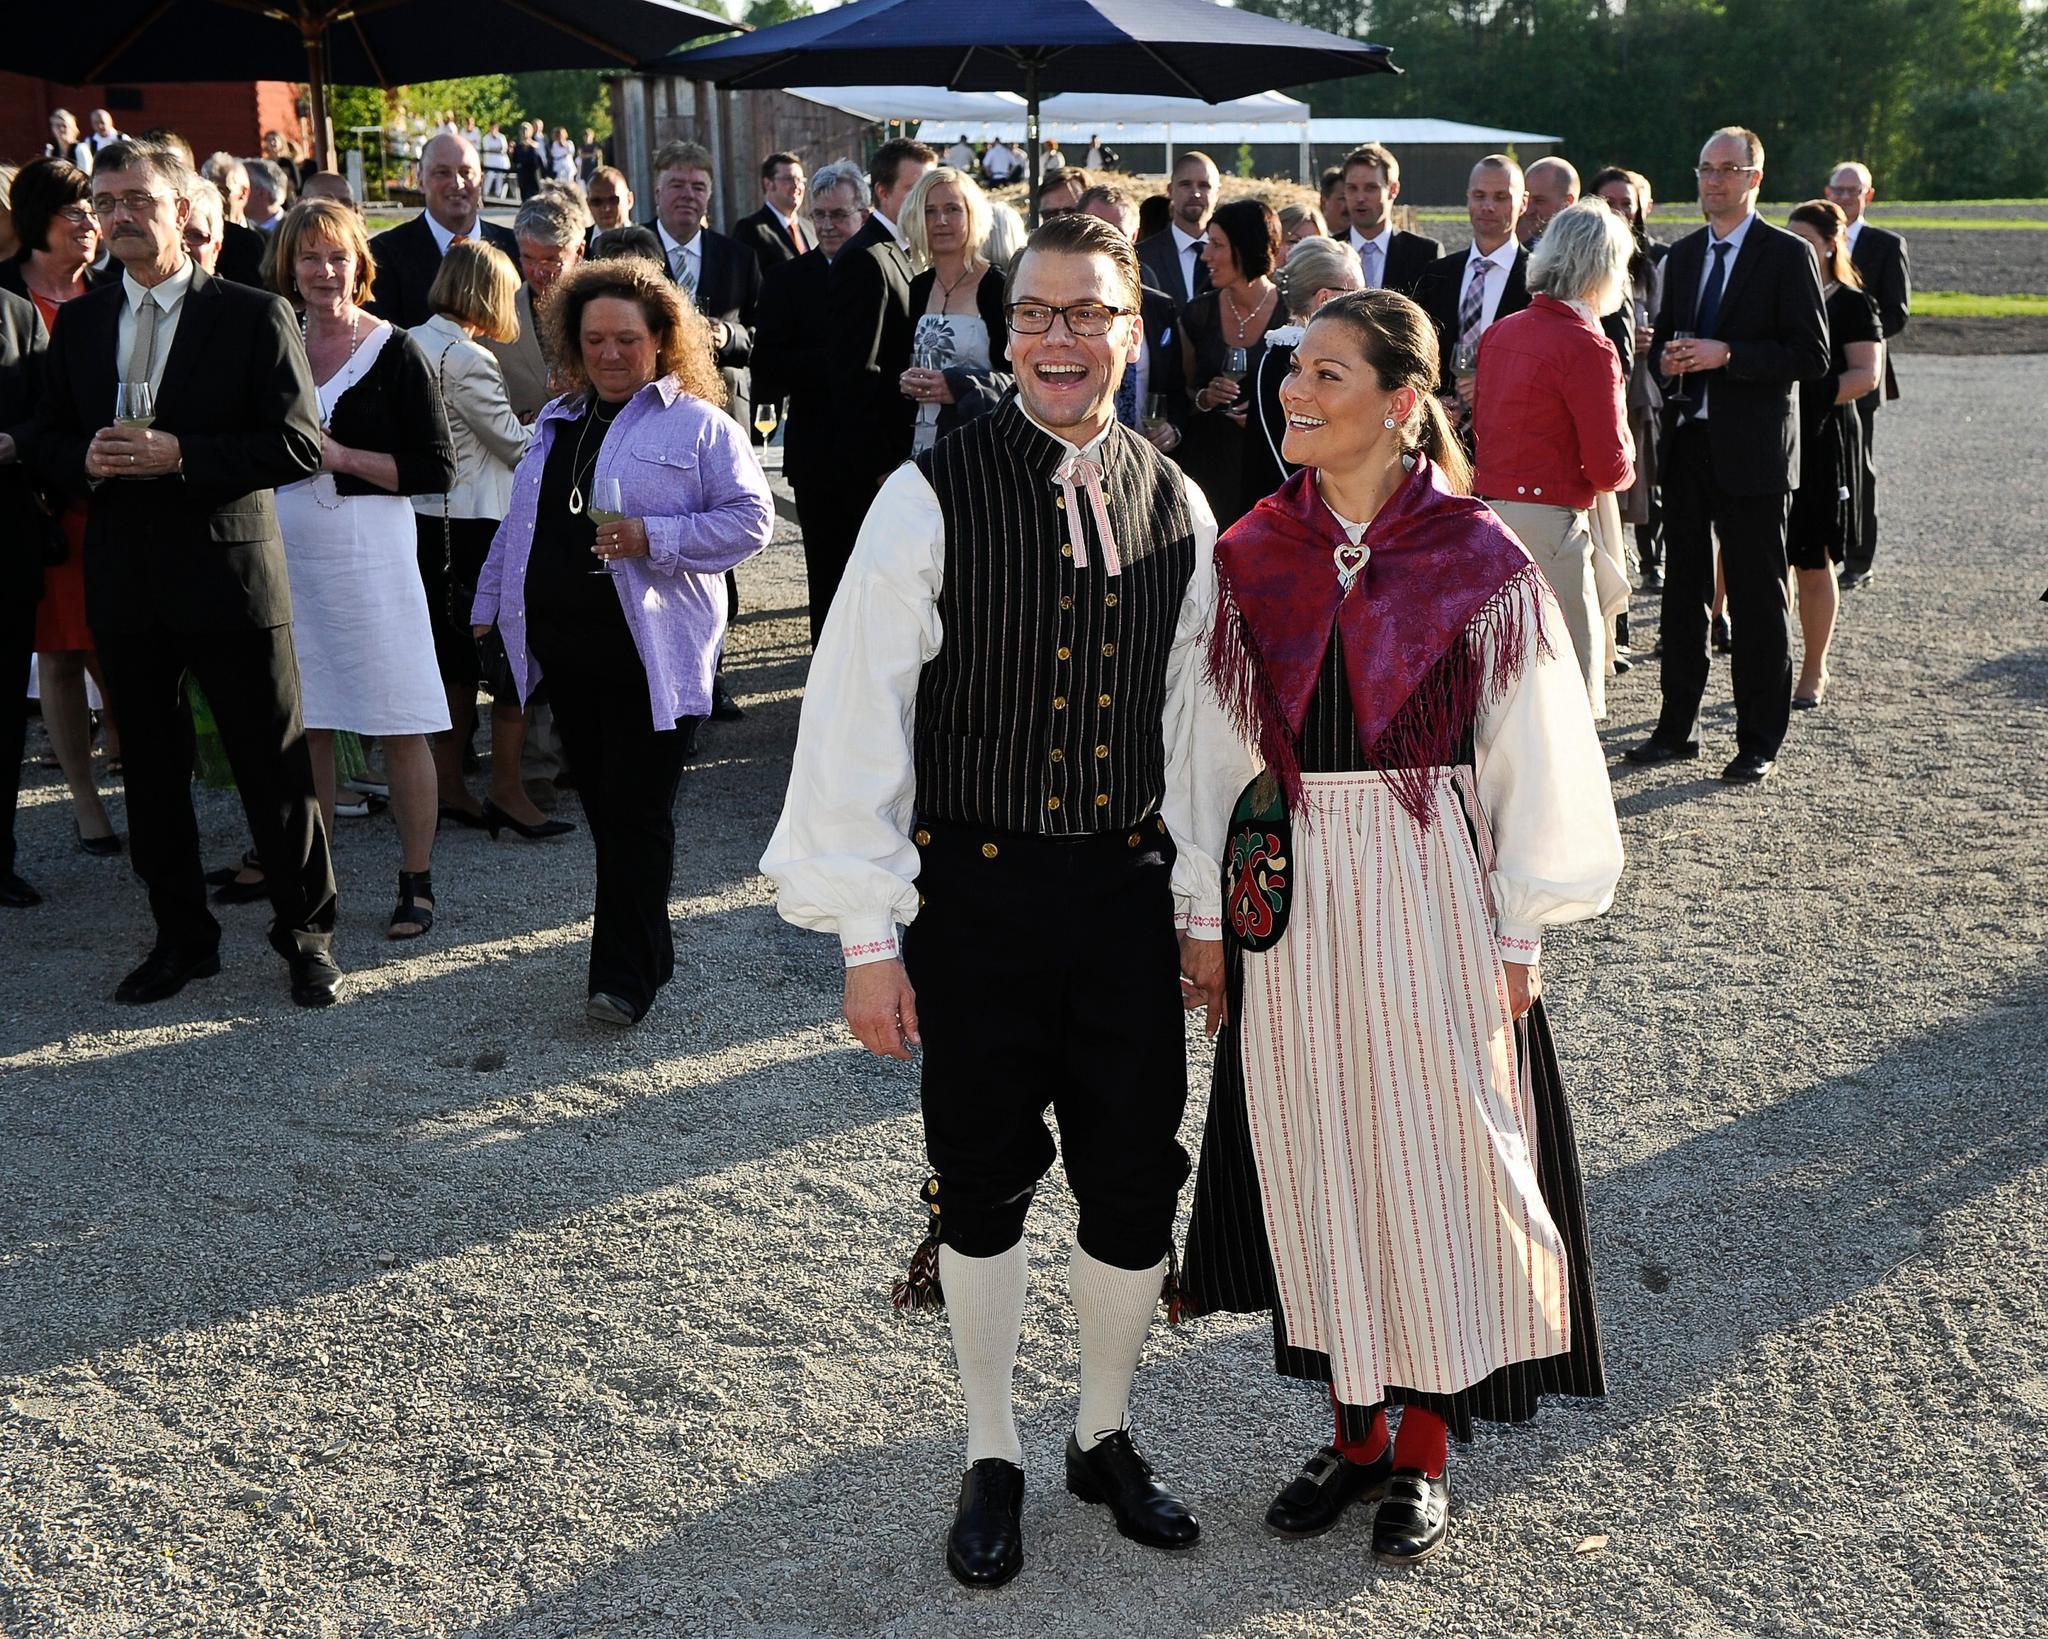 Prinz Daniel und Prinzessin Victoria bei einem Besuch in Daniels Heimatort Ockelbo am 11. Mai 2011. Beide tragen eine Tracht.